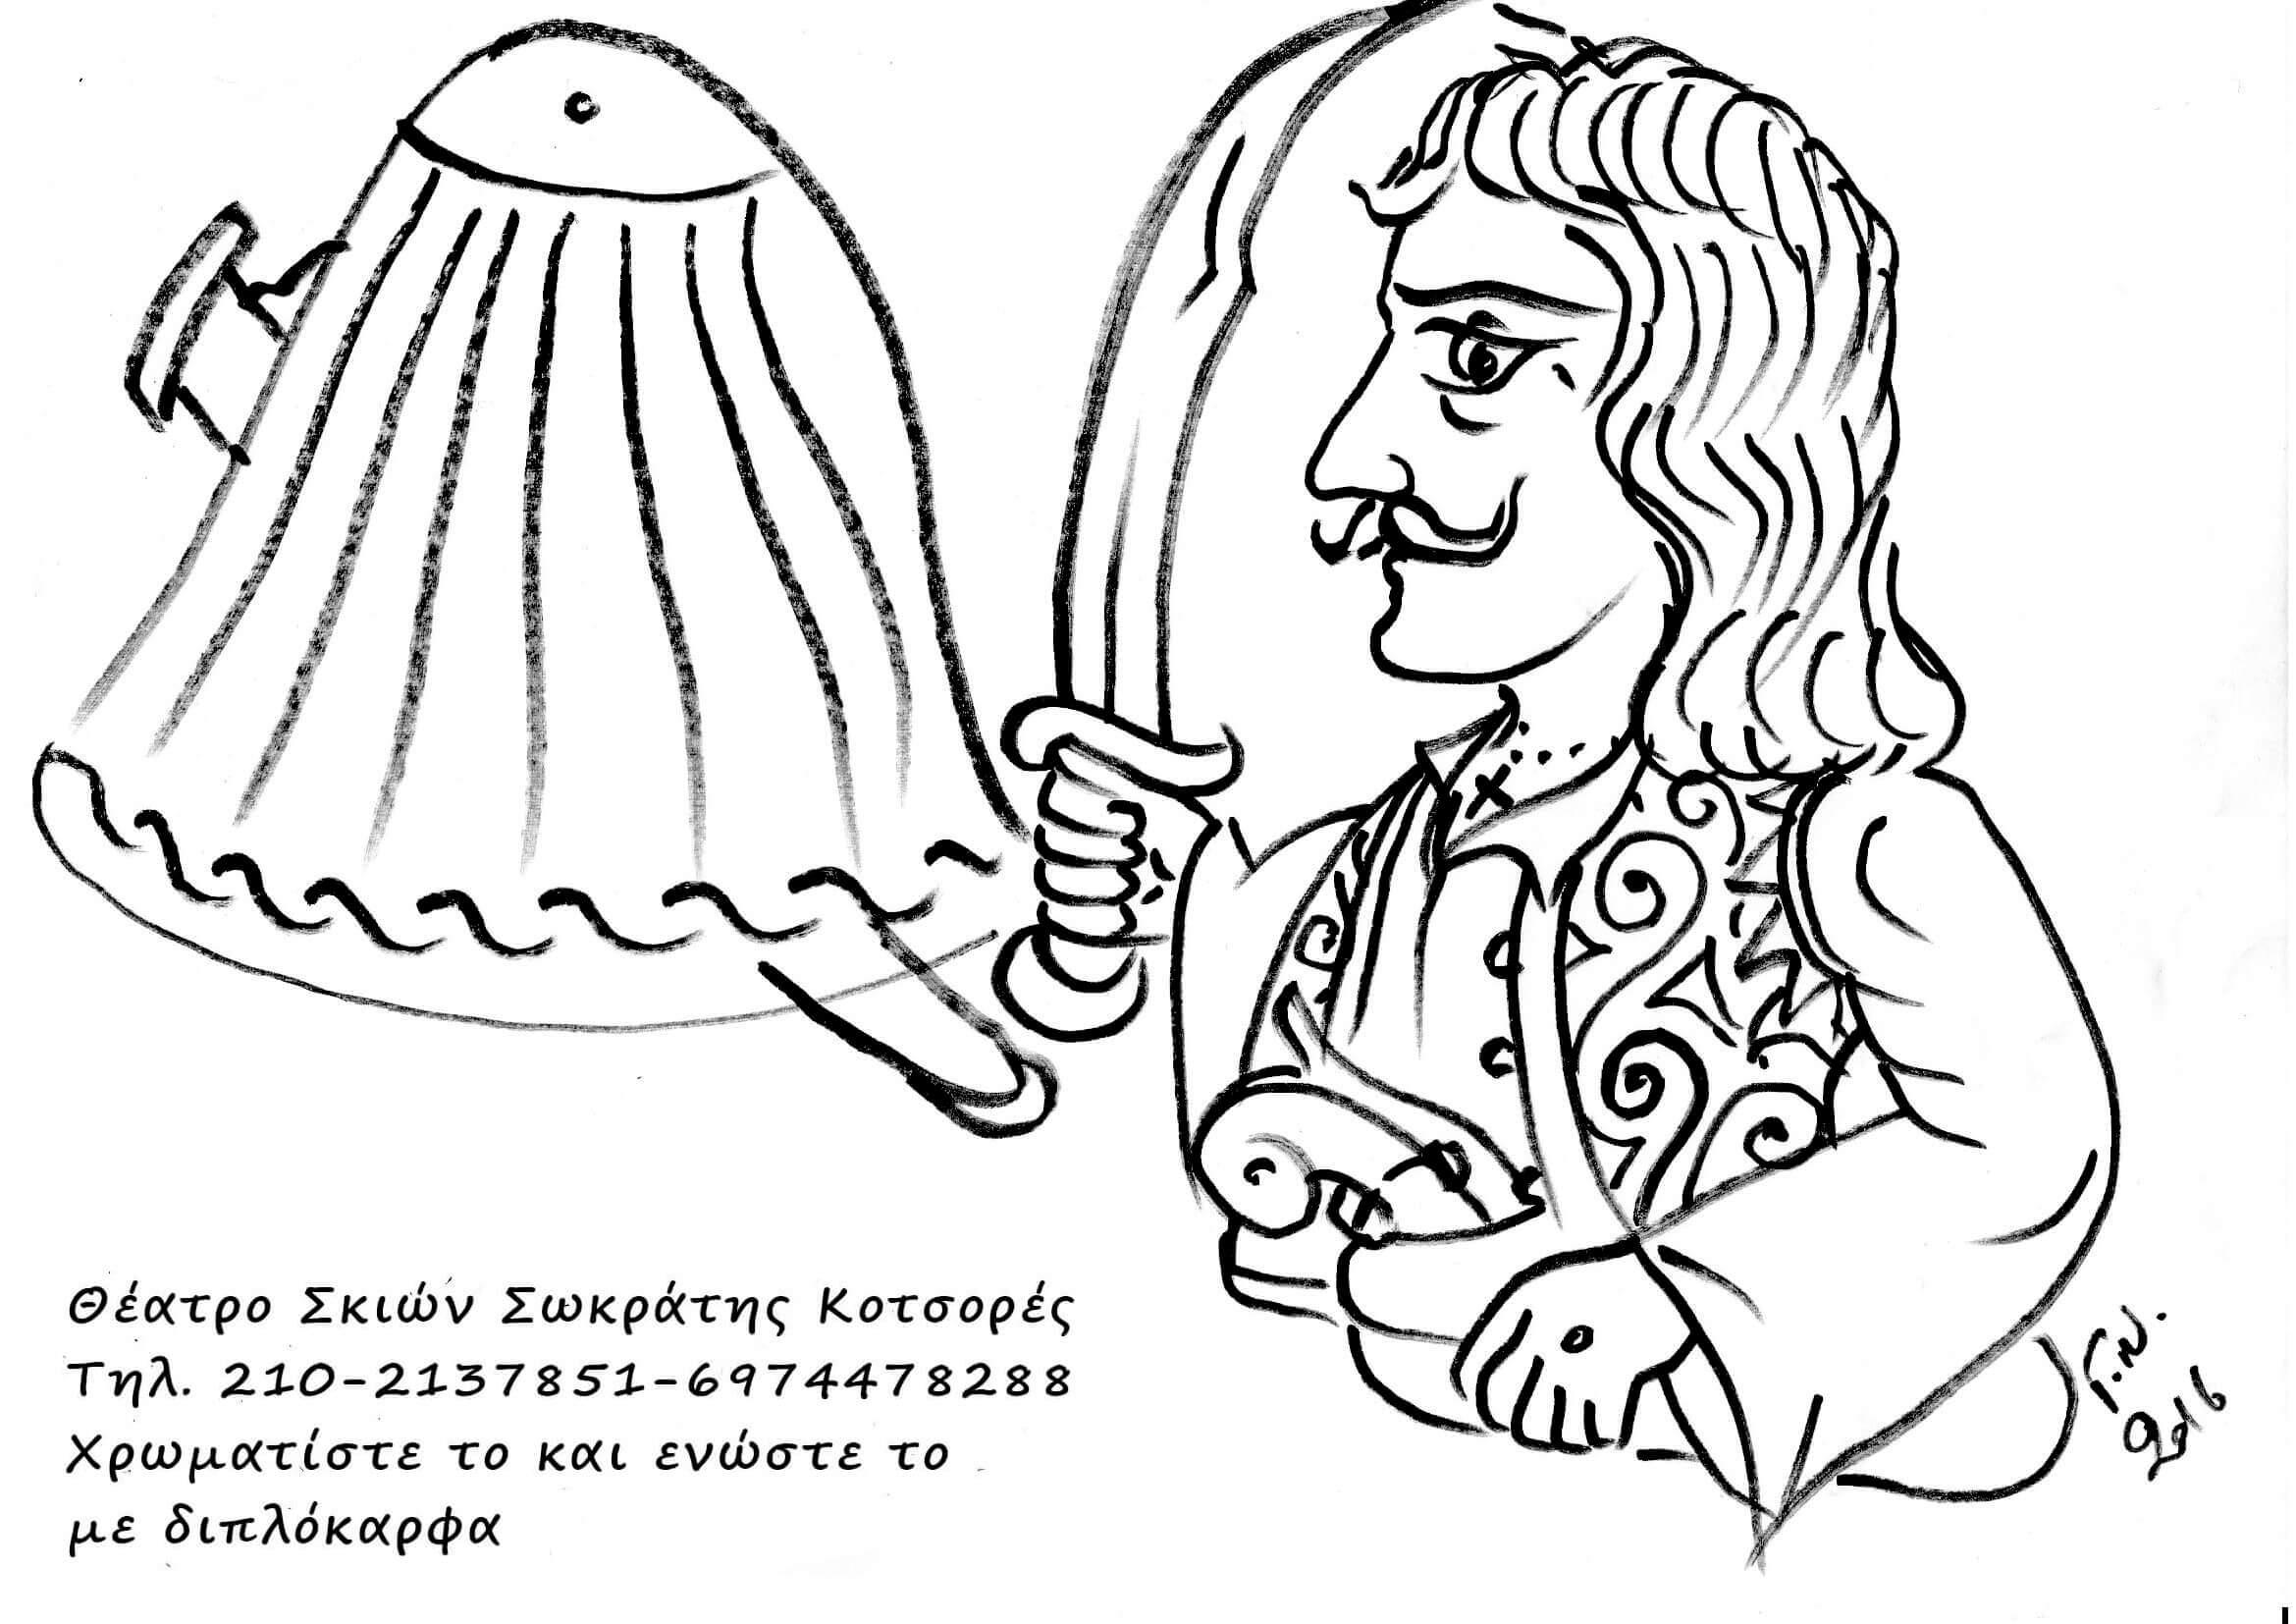 Ο Αθανάσιος Διάκος 1/2, φιγούρα για ζωγραφική και χαρτοκοπτική.